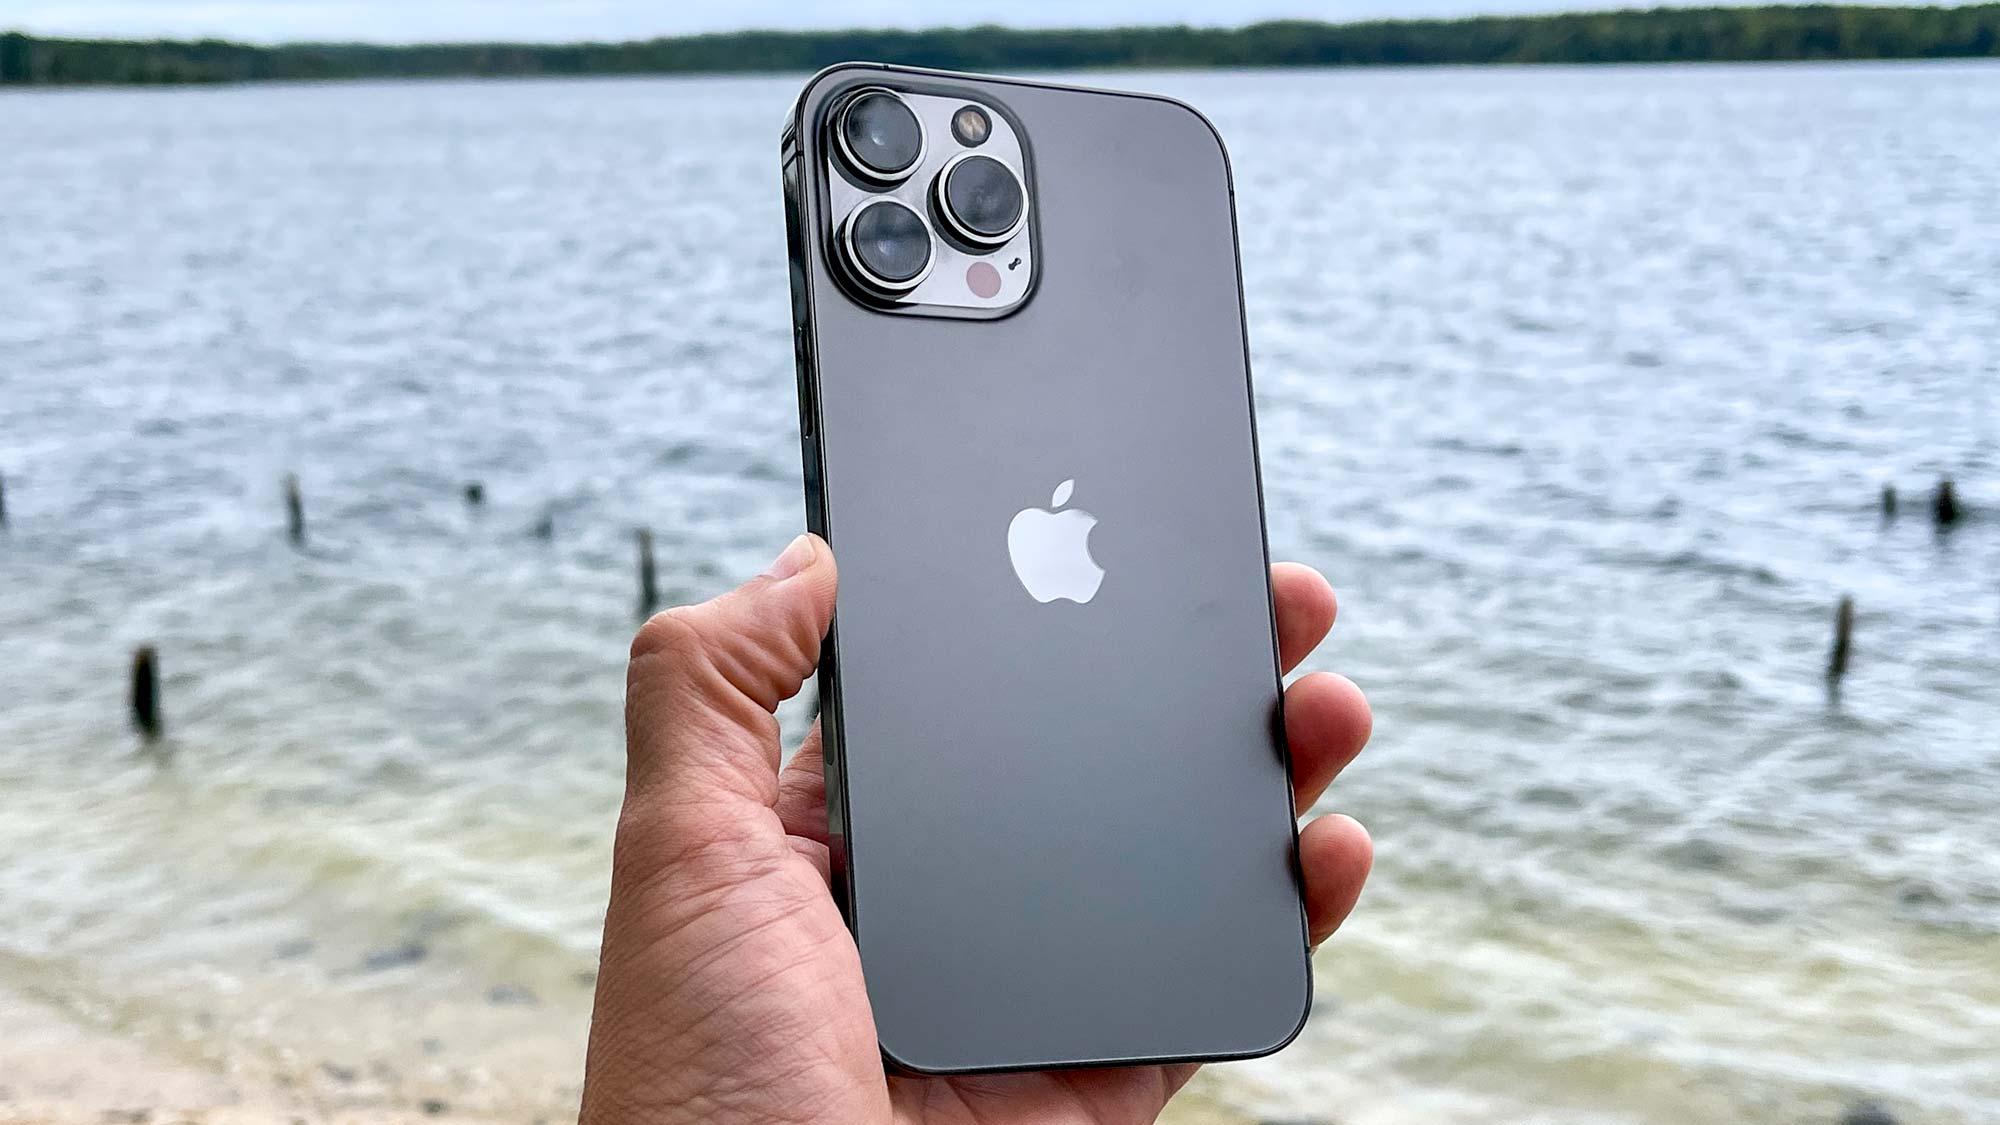 نقد و بررسی تخصصی و خرید موبایل اپل آیفون 13 پرو مکس 512 گیگابایت . قیمت Iphone 13 Pro Max 512G